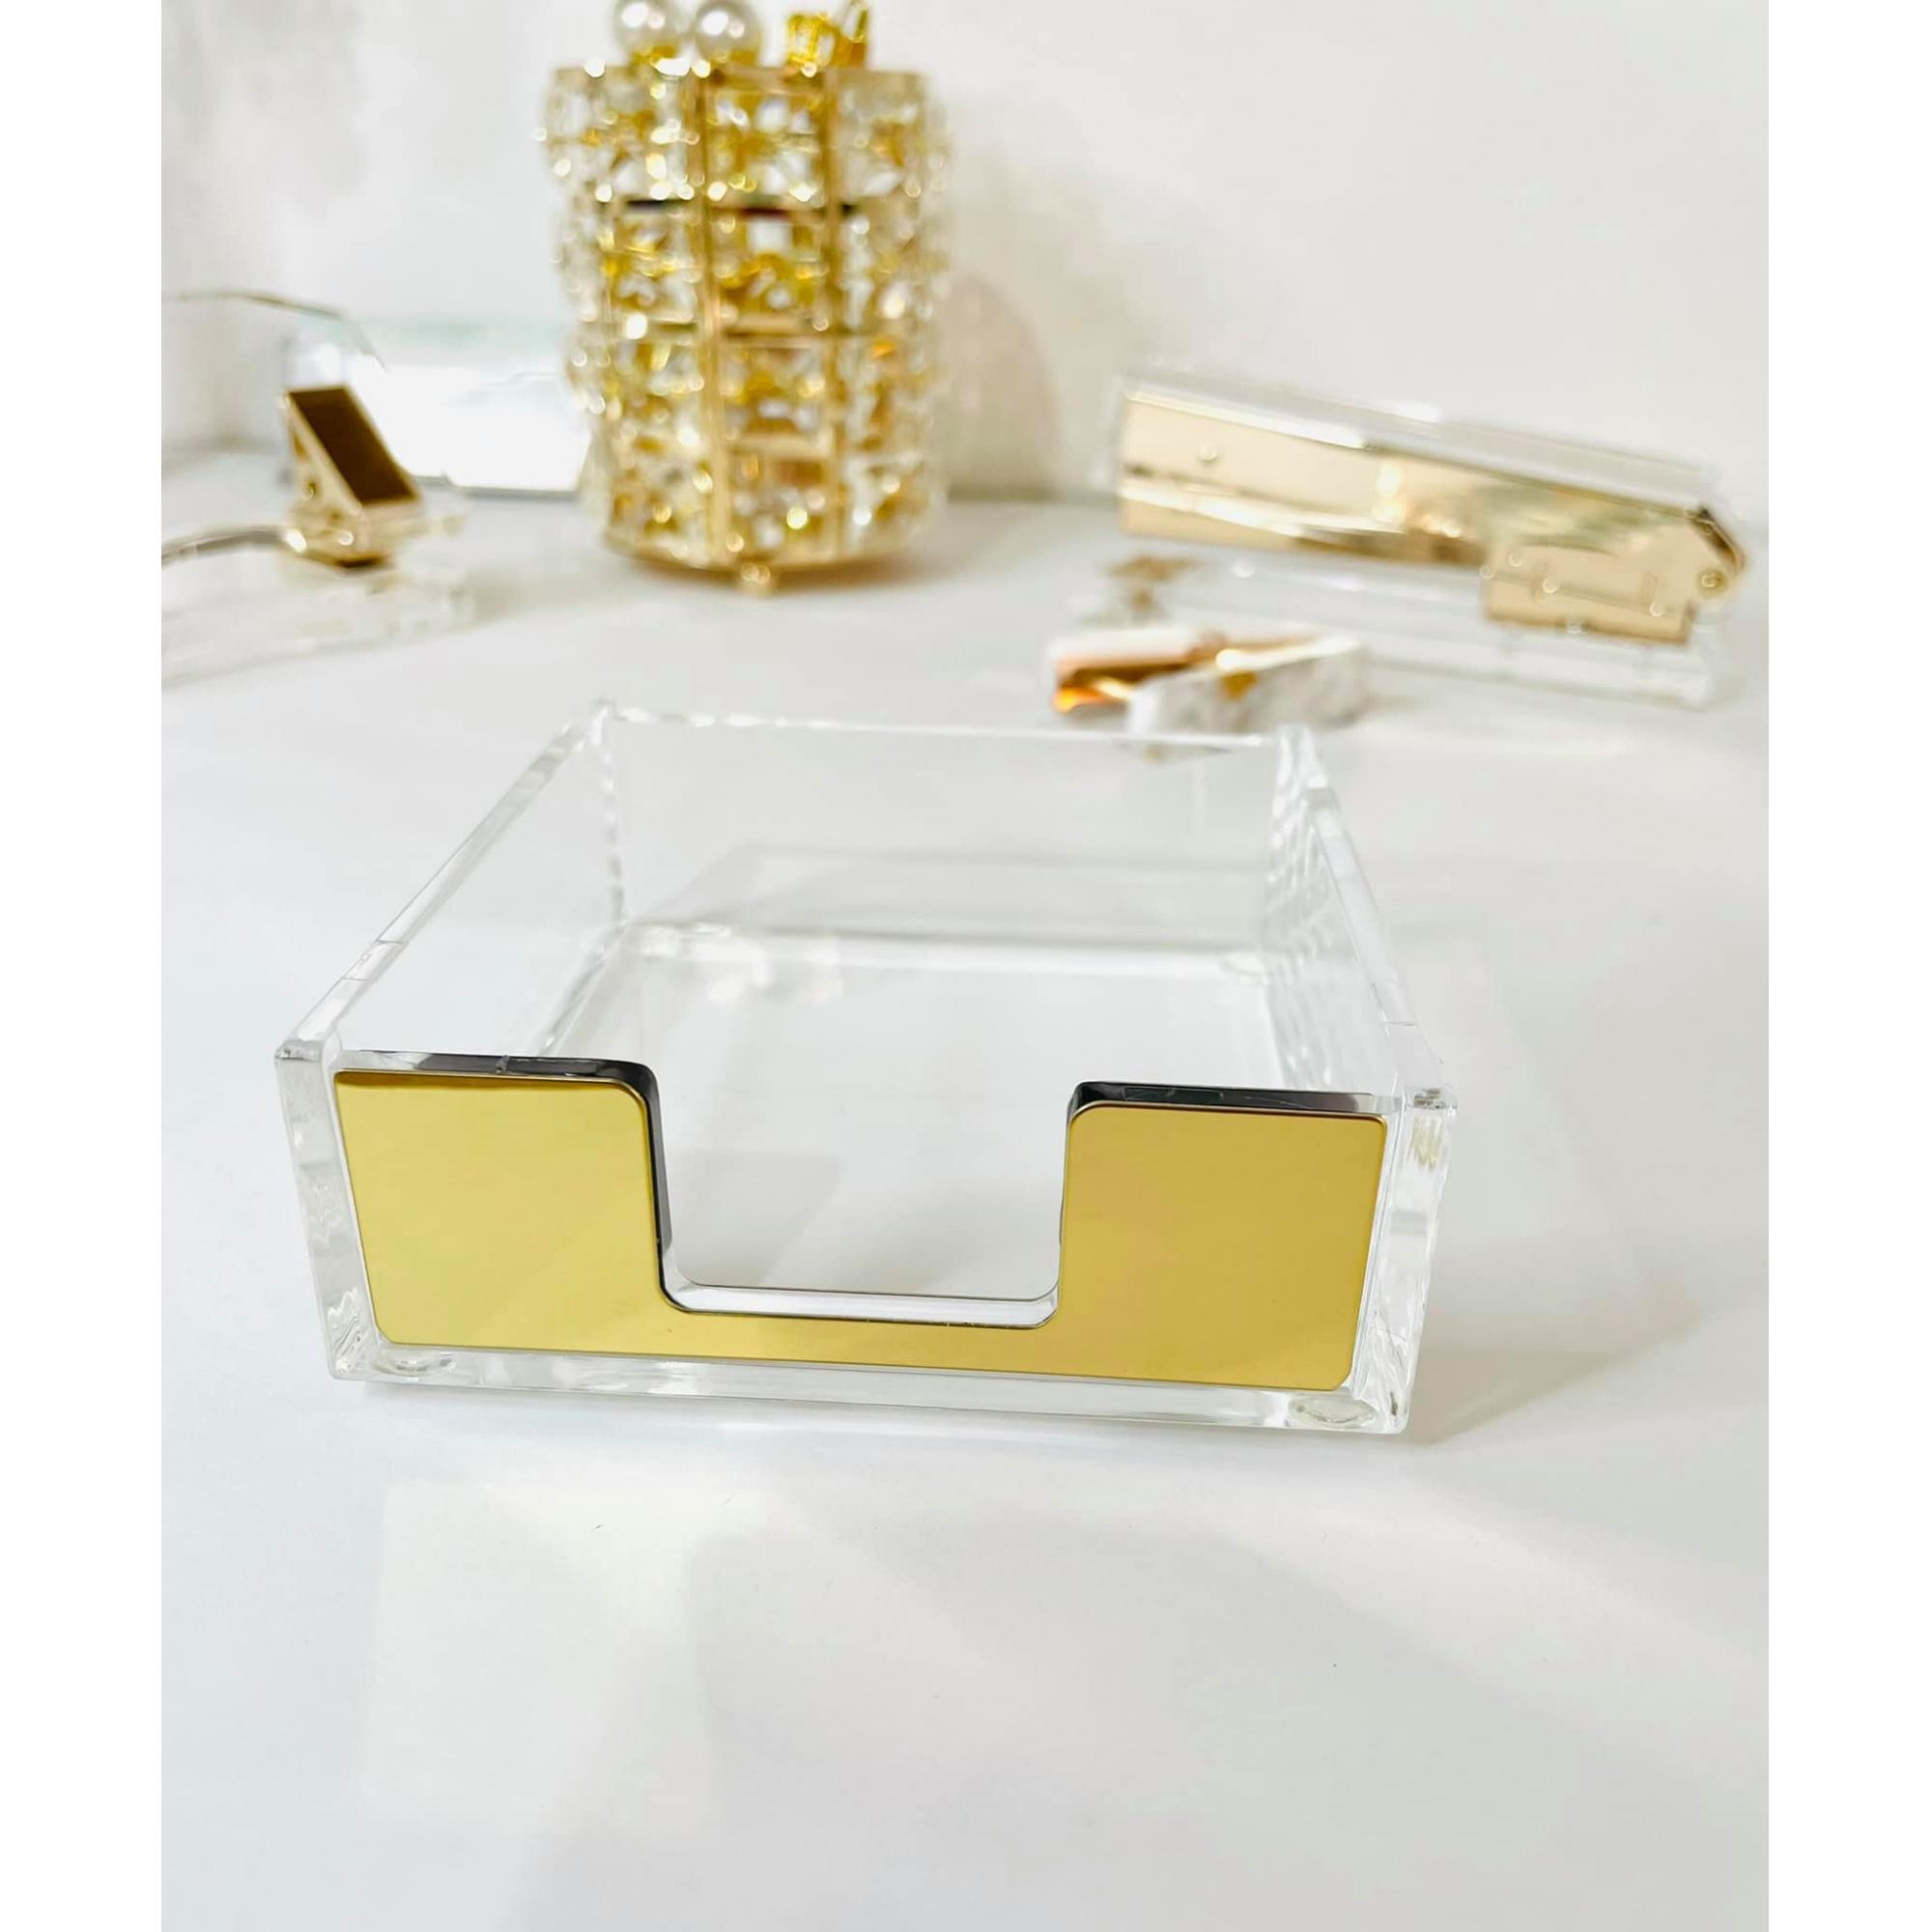 Porta Papel Acrílico Dourado